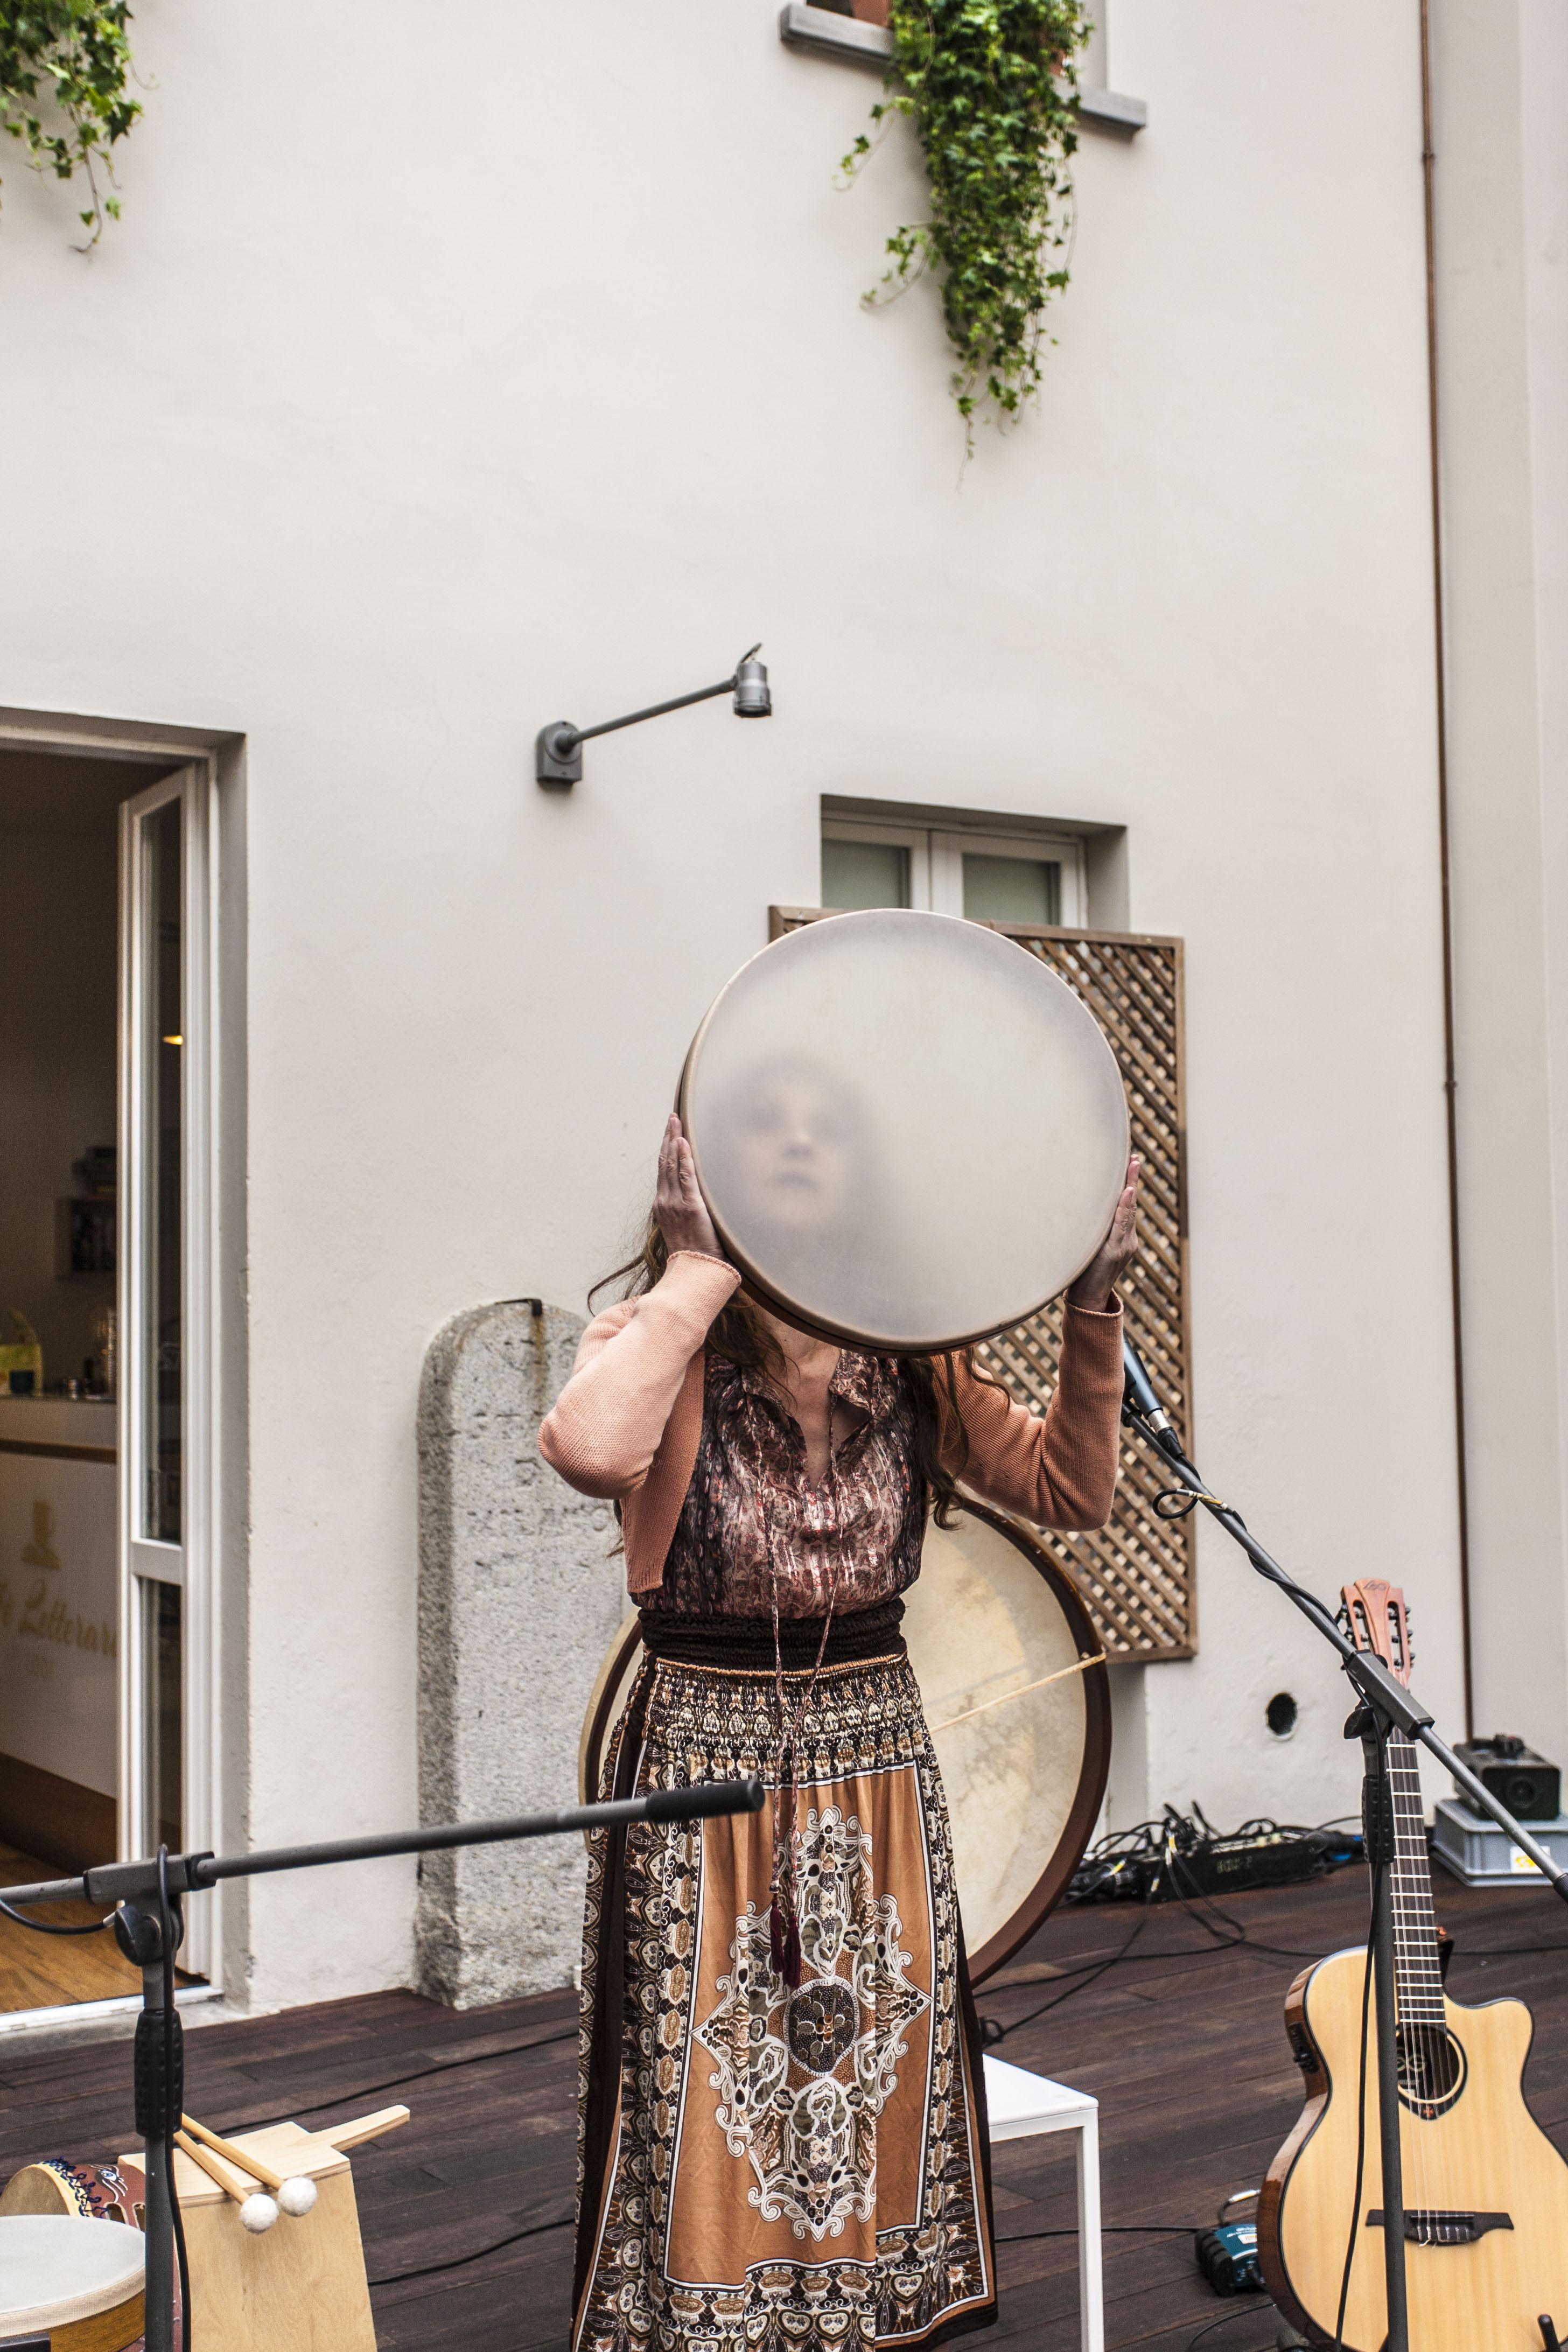 Liliana-Canto-dietro-il-tamburo